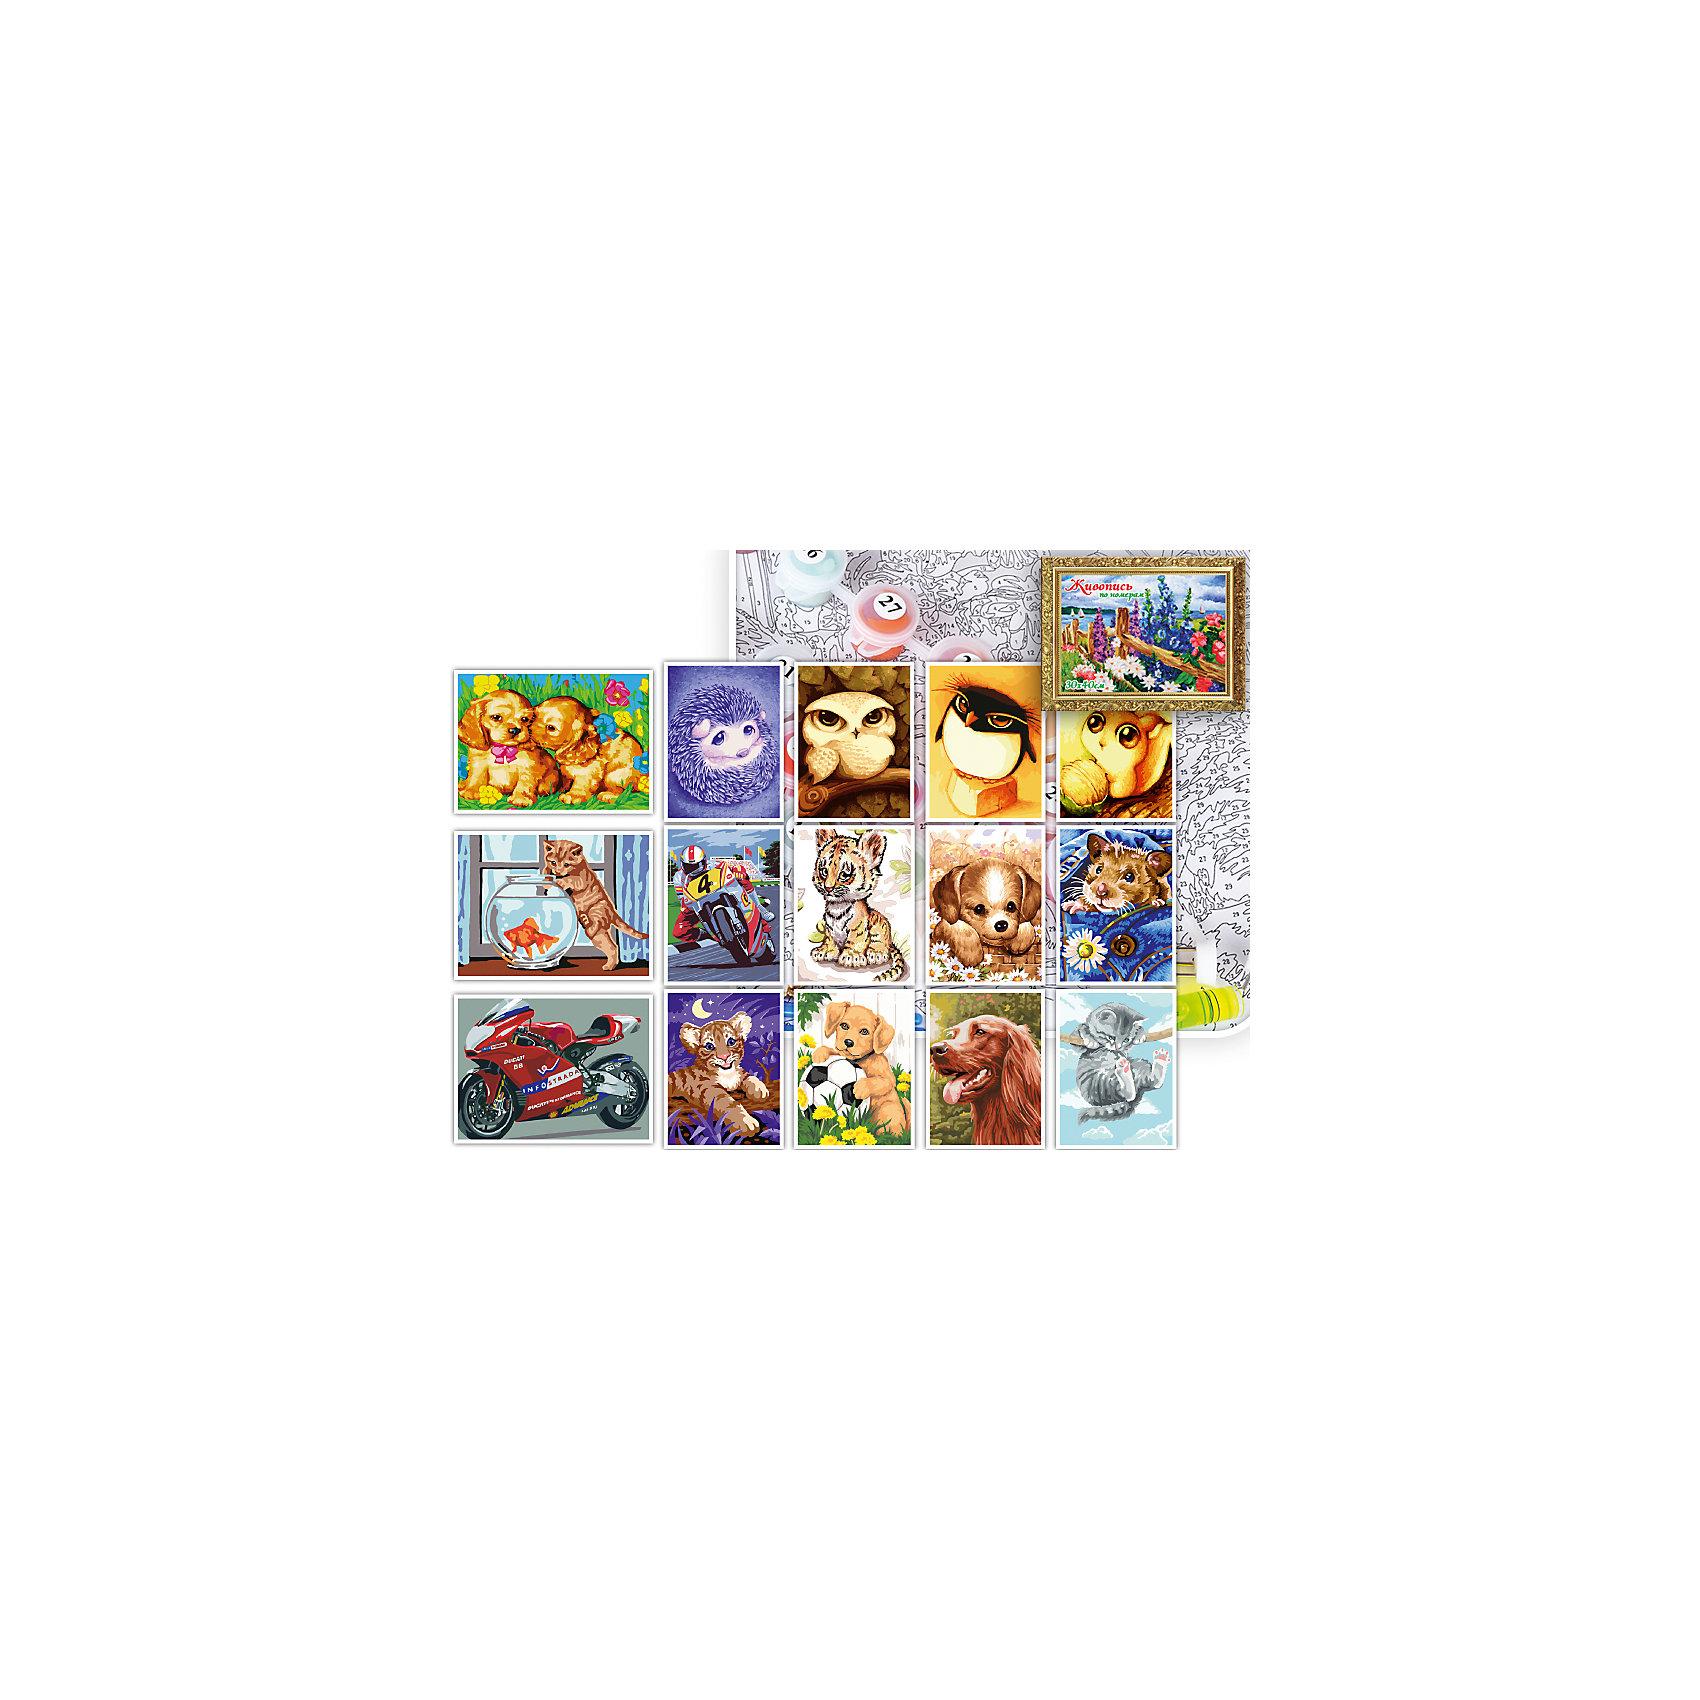 Набор для раскрашивания по номерам 30*40 см МИКС 12 (ДЕТСКАЯ СЕРИЯ-2)Последняя цена<br>Характеристики товара:<br><br>• комплектация: краски, кисти, основа<br>• размер картины: 30х40 см<br>• упаковка: коробка <br>• материал: картон<br>• размер упаковки: 32x42x4 см<br>• возраст: от трех лет<br>• развивающий<br>• страна бренда: Российская Федерация<br>• страна производства: Китай<br><br>Такой набор станет отличным подарком ребенку! Творчество - удачный способ занять детей. Это не только занимательно, но и очень полезно! С помощью такого набора ребенок сможет сам создать красивую картину. Нужно всего лишь следовать инструкции! Это несложно и увлекательно, достаточно нанести краски с помощью кисточек на пронумерованные участки - всё необходимое есть в наборе. Готовое изделие может стать подарком от ребенка на праздник для близких и родственников!<br>Такое занятие помогает детям развивать многие важные навыки и способности: они тренируют внимание, память, логику, мышление, мелкую моторику, творческие способности, а также усидчивость и аккуратность. Изделие производится из качественных сертифицированных материалов, безопасных даже для самых маленьких.<br><br>Набор для раскрашивания по номерам 30*40 см МИКС 12 (ДЕТСКАЯ СЕРИЯ-2) от бренда TUKZAR можно купить в нашем интернет-магазине.<br><br>Ширина мм: 320<br>Глубина мм: 420<br>Высота мм: 40<br>Вес г: 900<br>Возраст от месяцев: 36<br>Возраст до месяцев: 2147483647<br>Пол: Унисекс<br>Возраст: Детский<br>SKU: 5069884